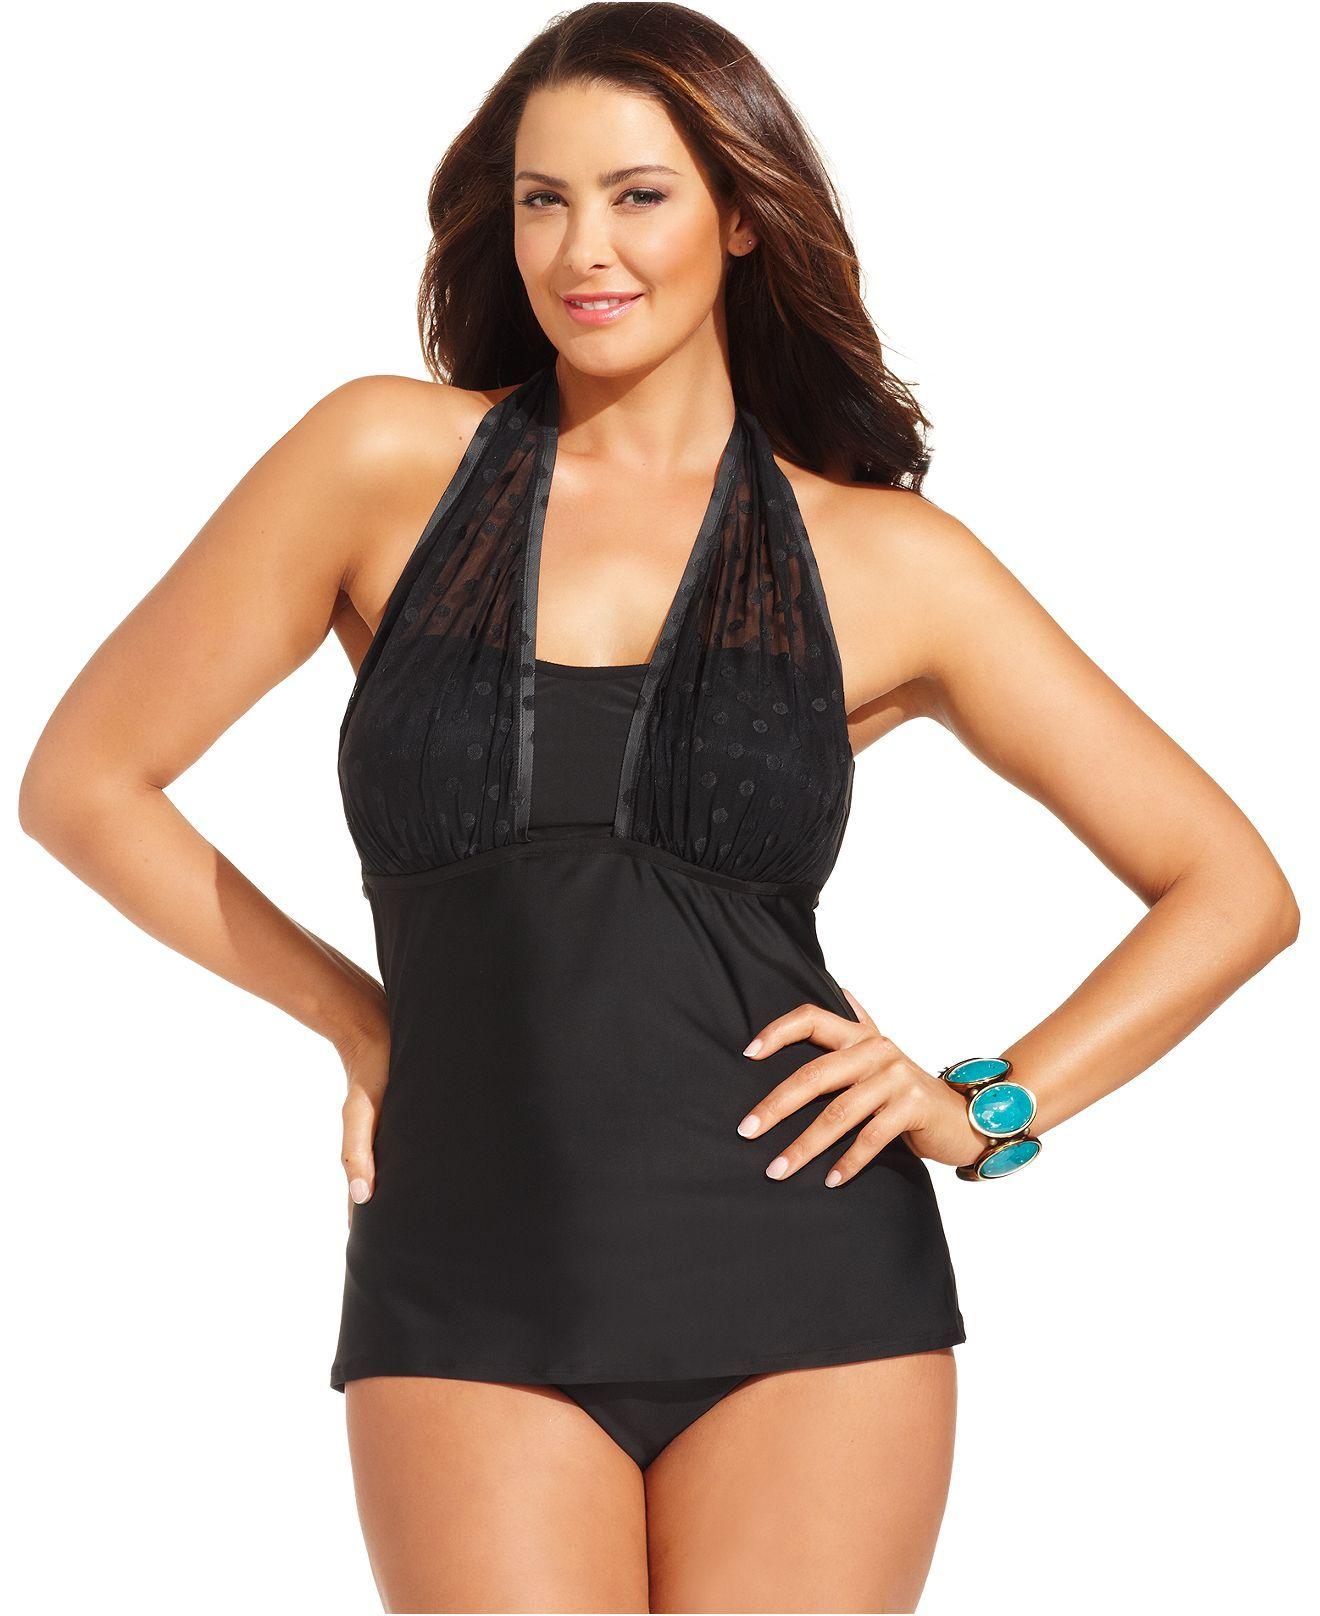 christina plus size swimsuit, halter mesh-dot tankini top & high